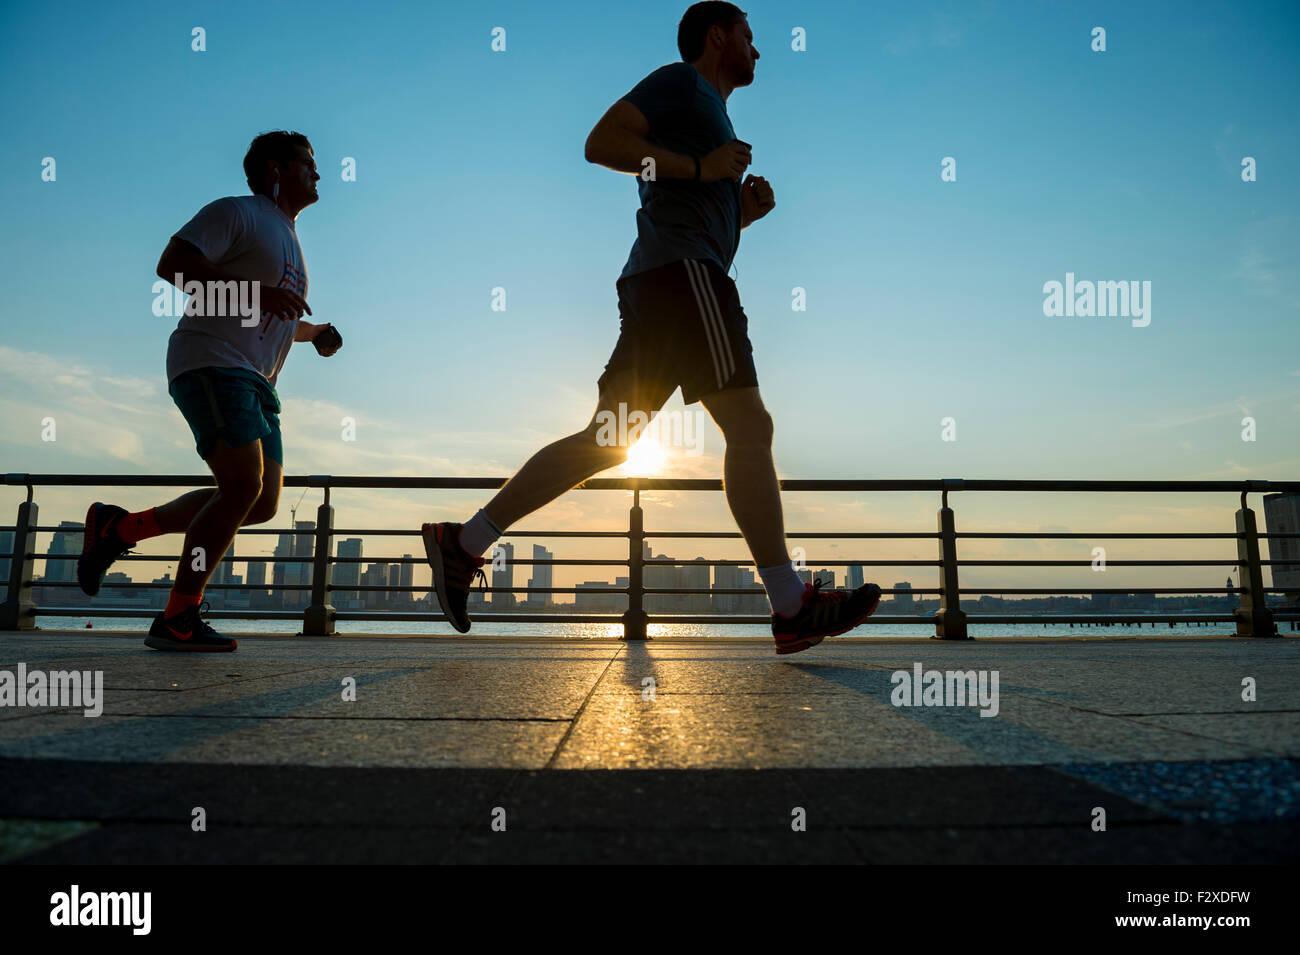 La VILLE DE NEW YORK, USA - 15 août 2015: Silhouettes d'hommes courir au coucher du soleil sur la Photo Stock